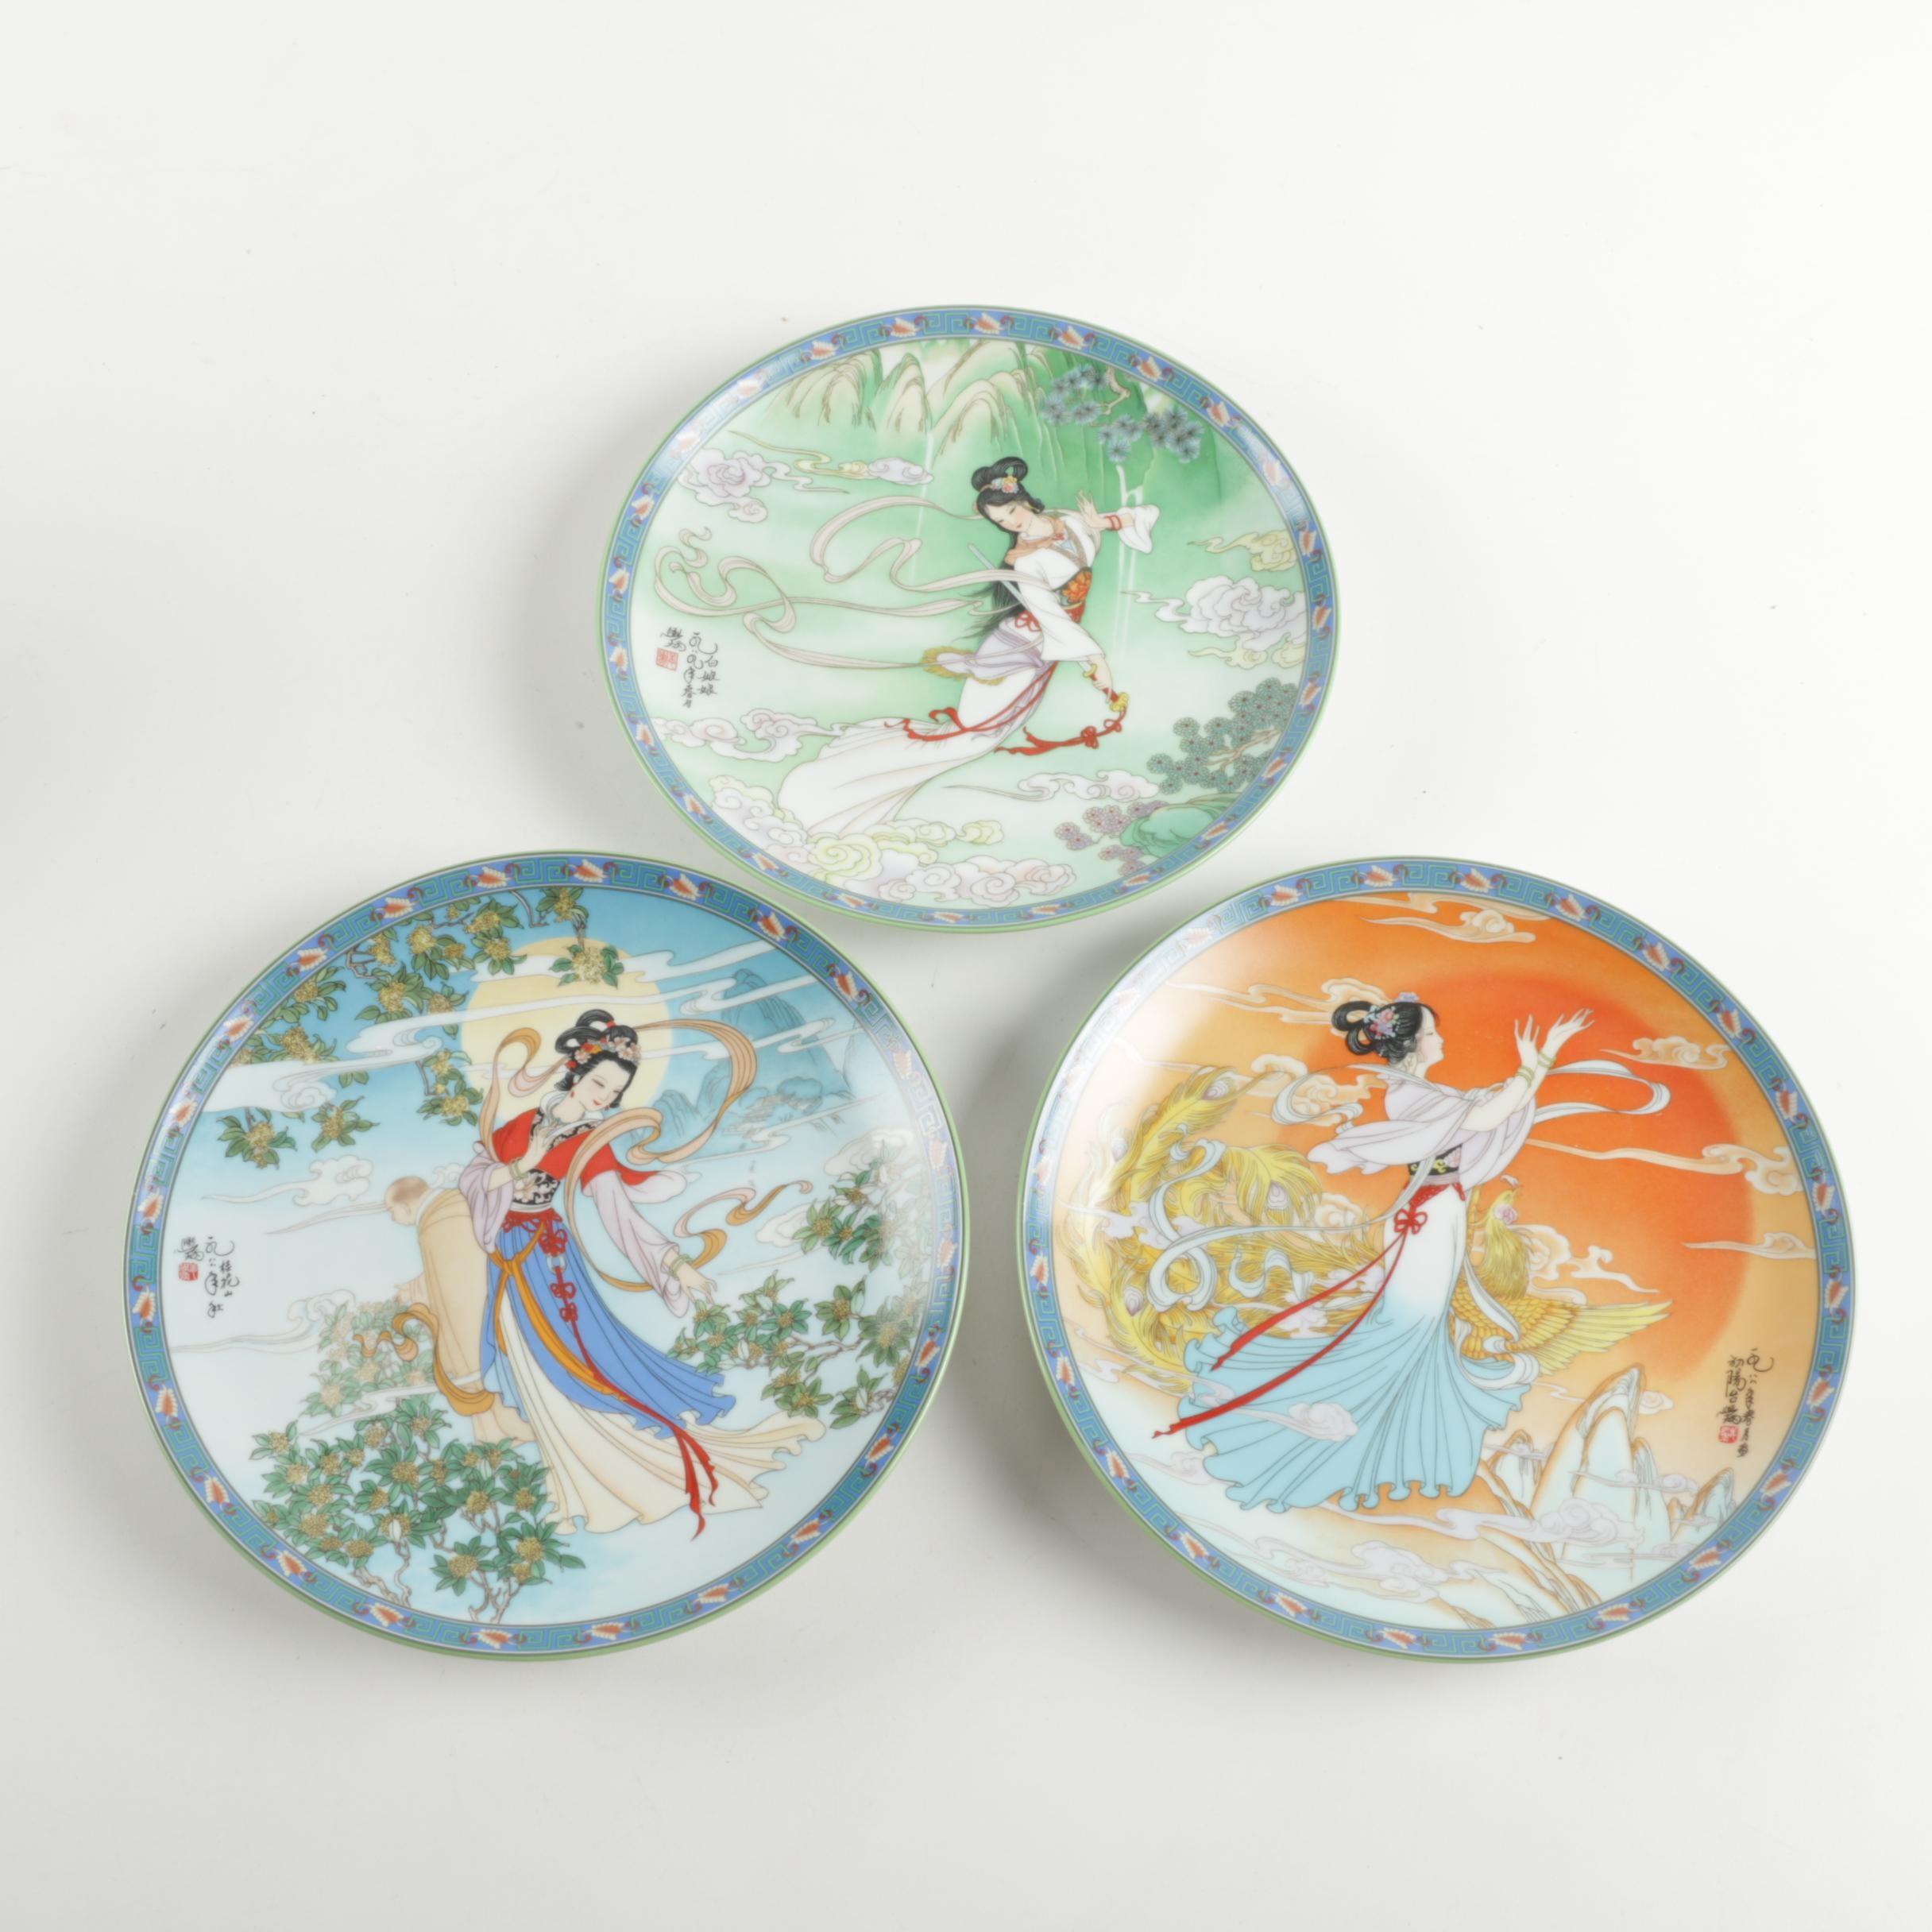 Imperial Jingdezhen Porcelain Collectors Plates